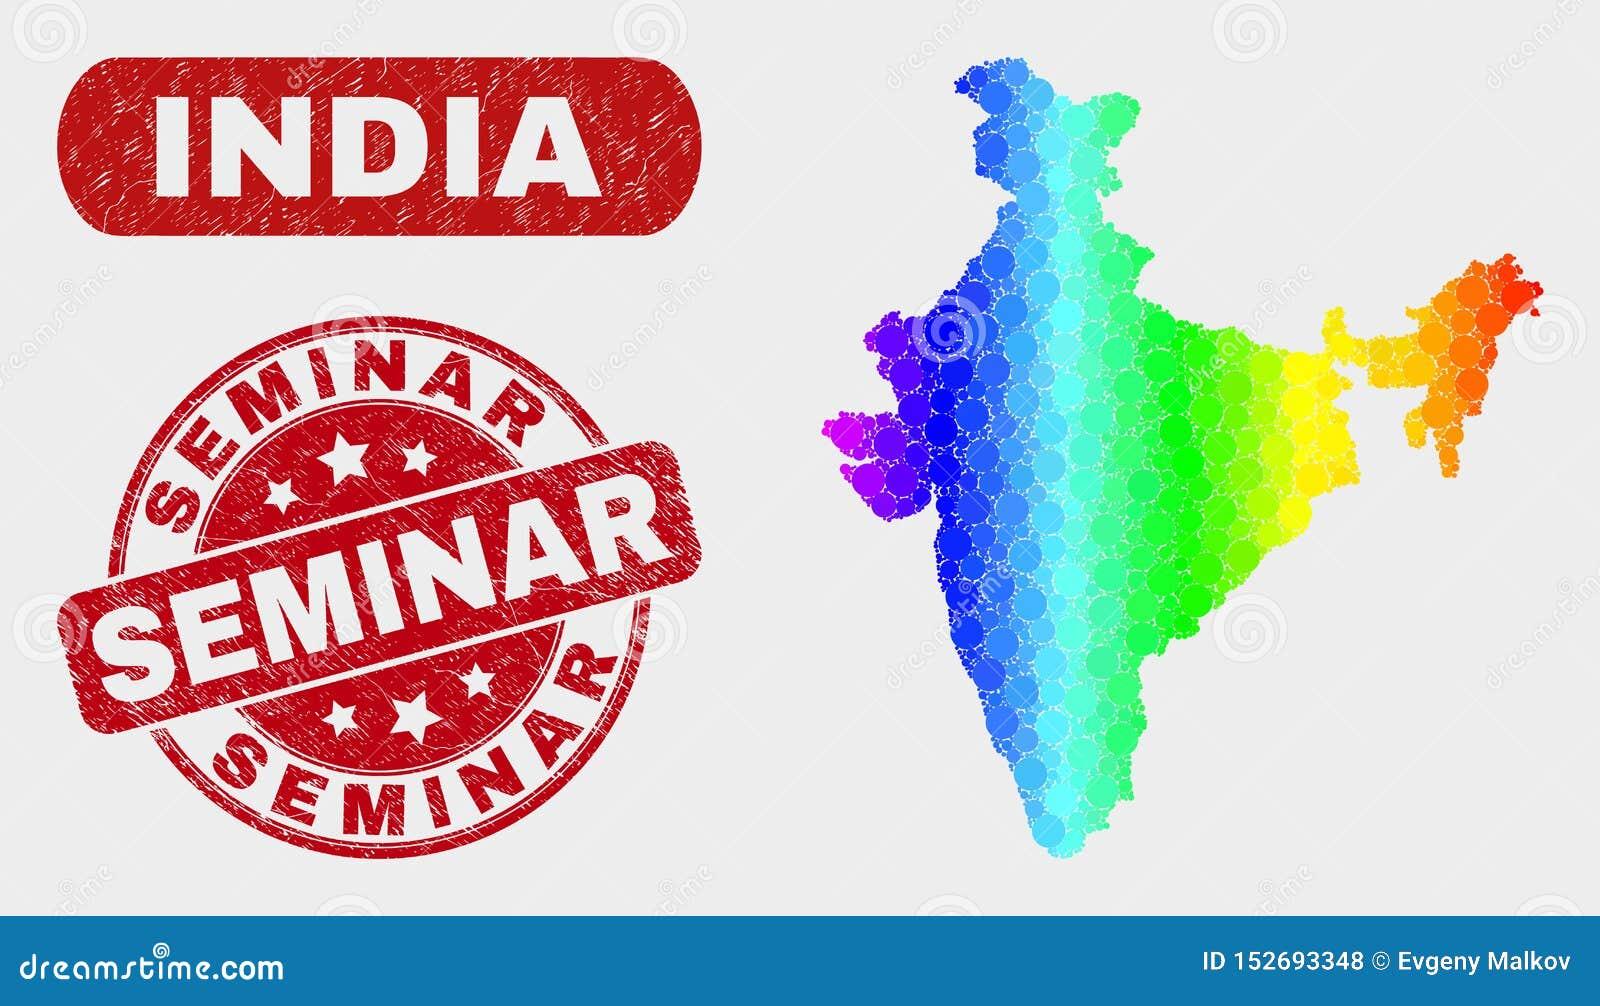 Spektrum-Mosaik-Indien-Karte und Schmutz-Seminar-Dichtung